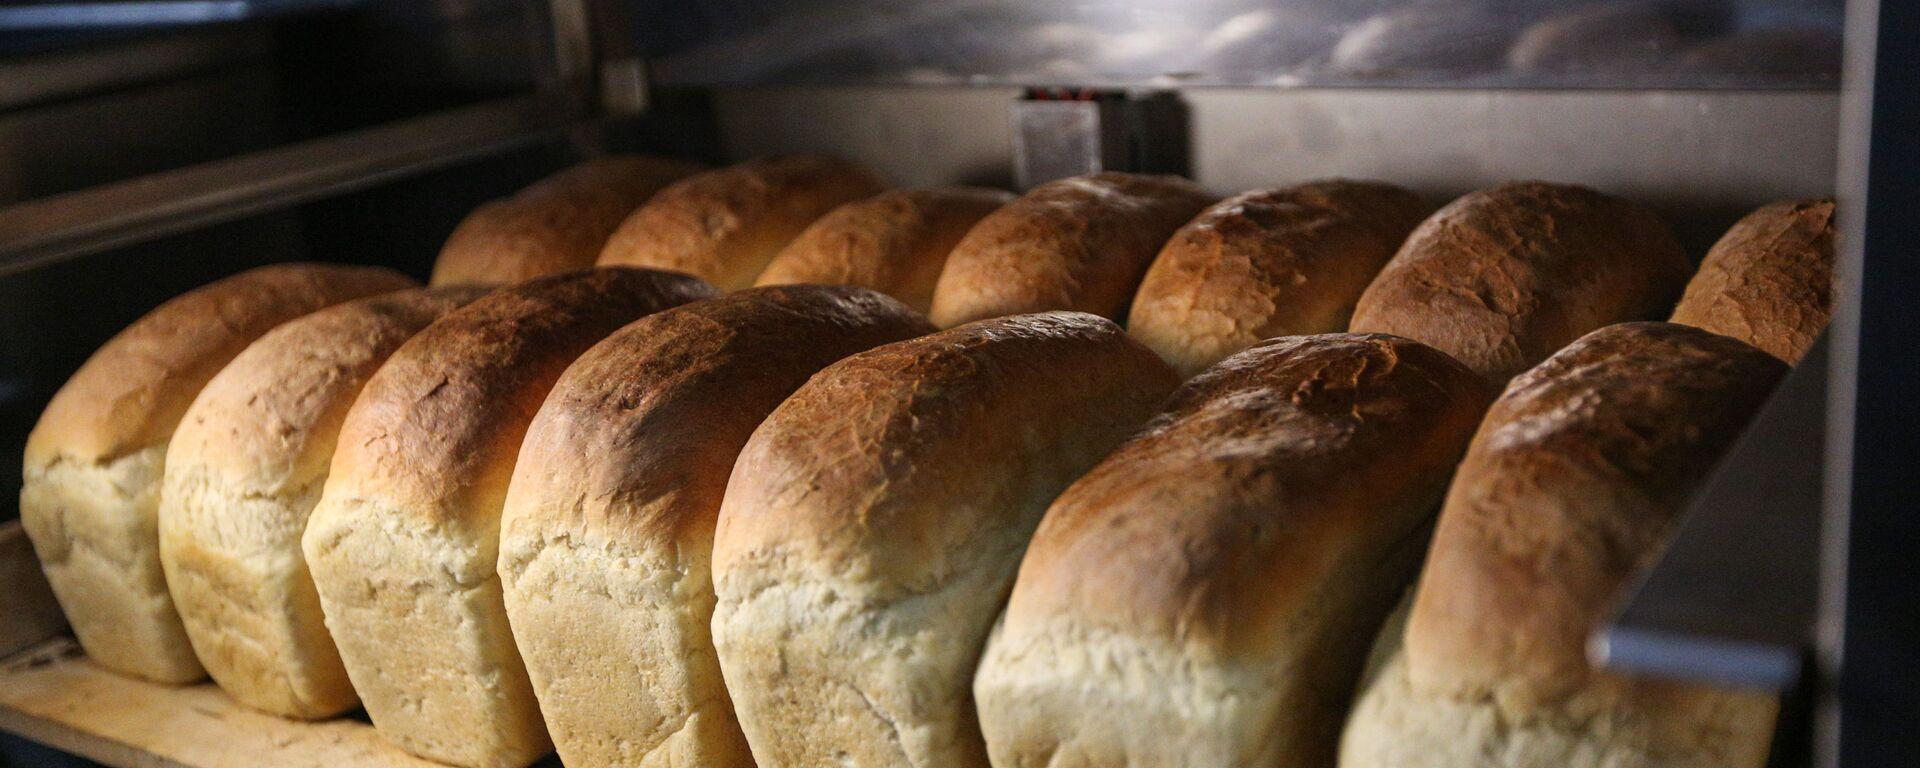 Хлеб, испеченный на Арктической военной полевой кухня - Sputnik Латвия, 1920, 12.03.2021